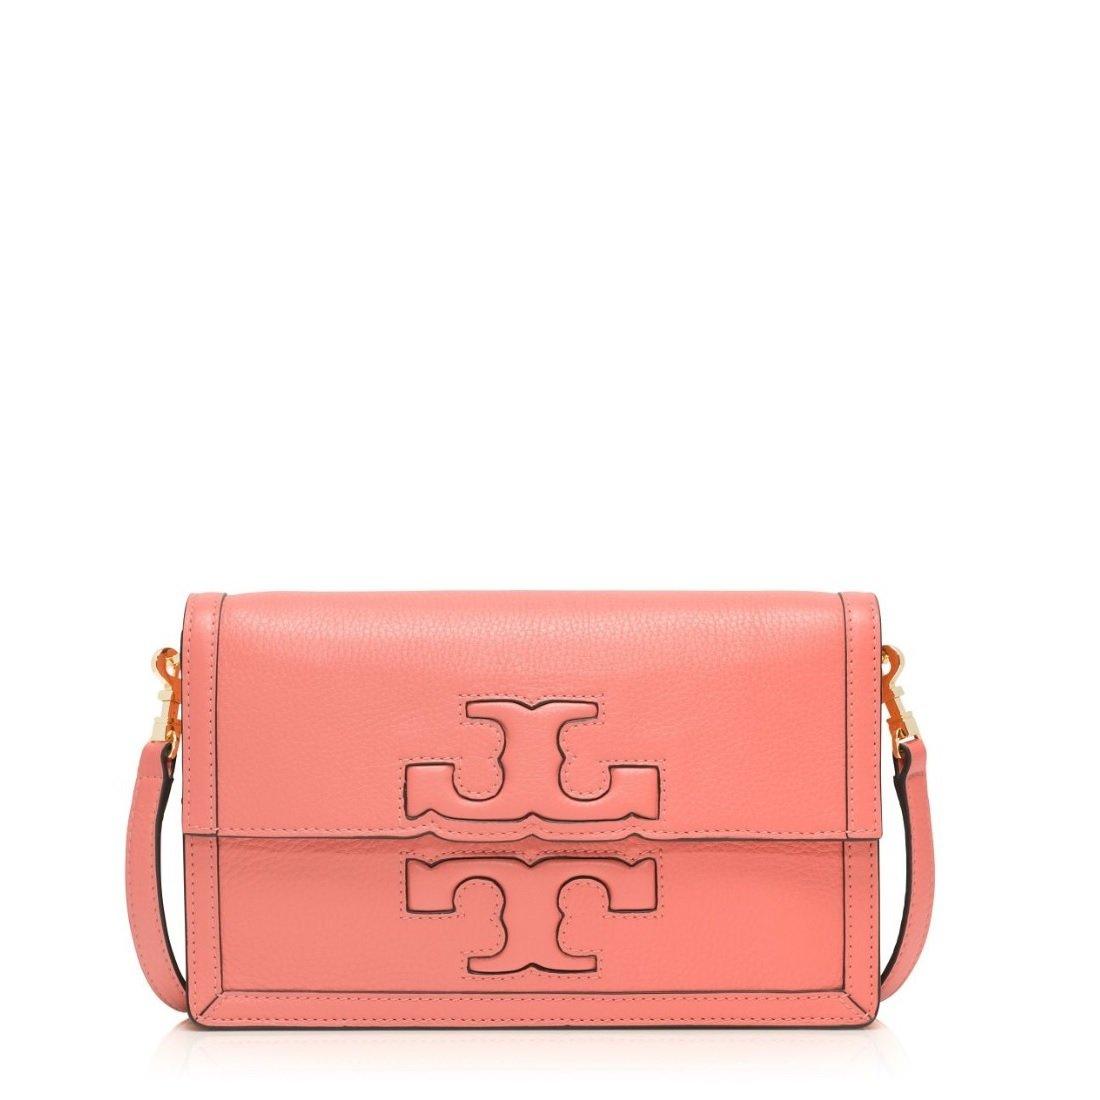 efb9843a080 Tory Burch Jessica Clutch  Handbags  Amazon.com